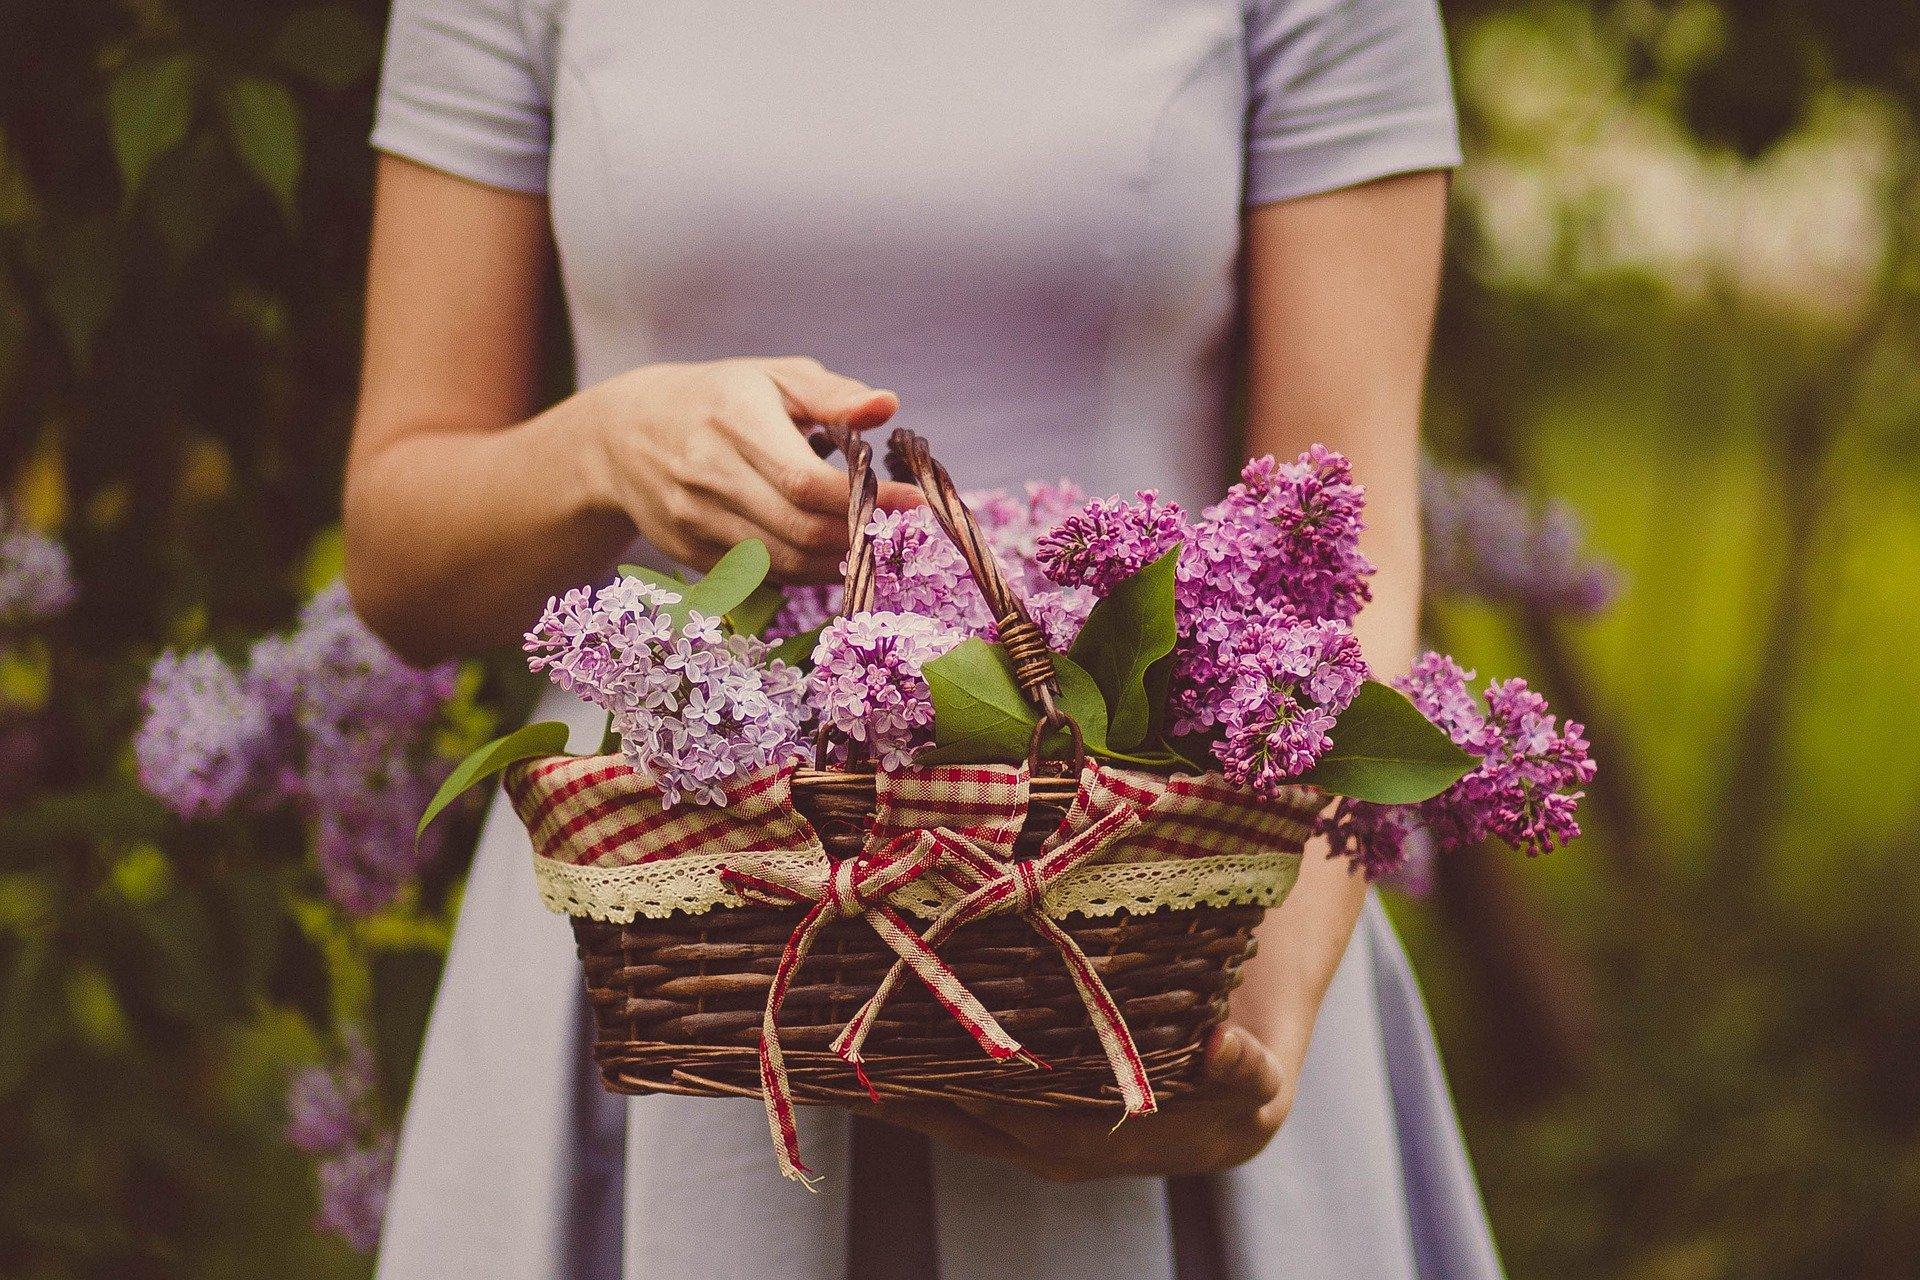 mezzo busto di donna che tiene in mano un cesto di vimini pieno di fiori di glicine